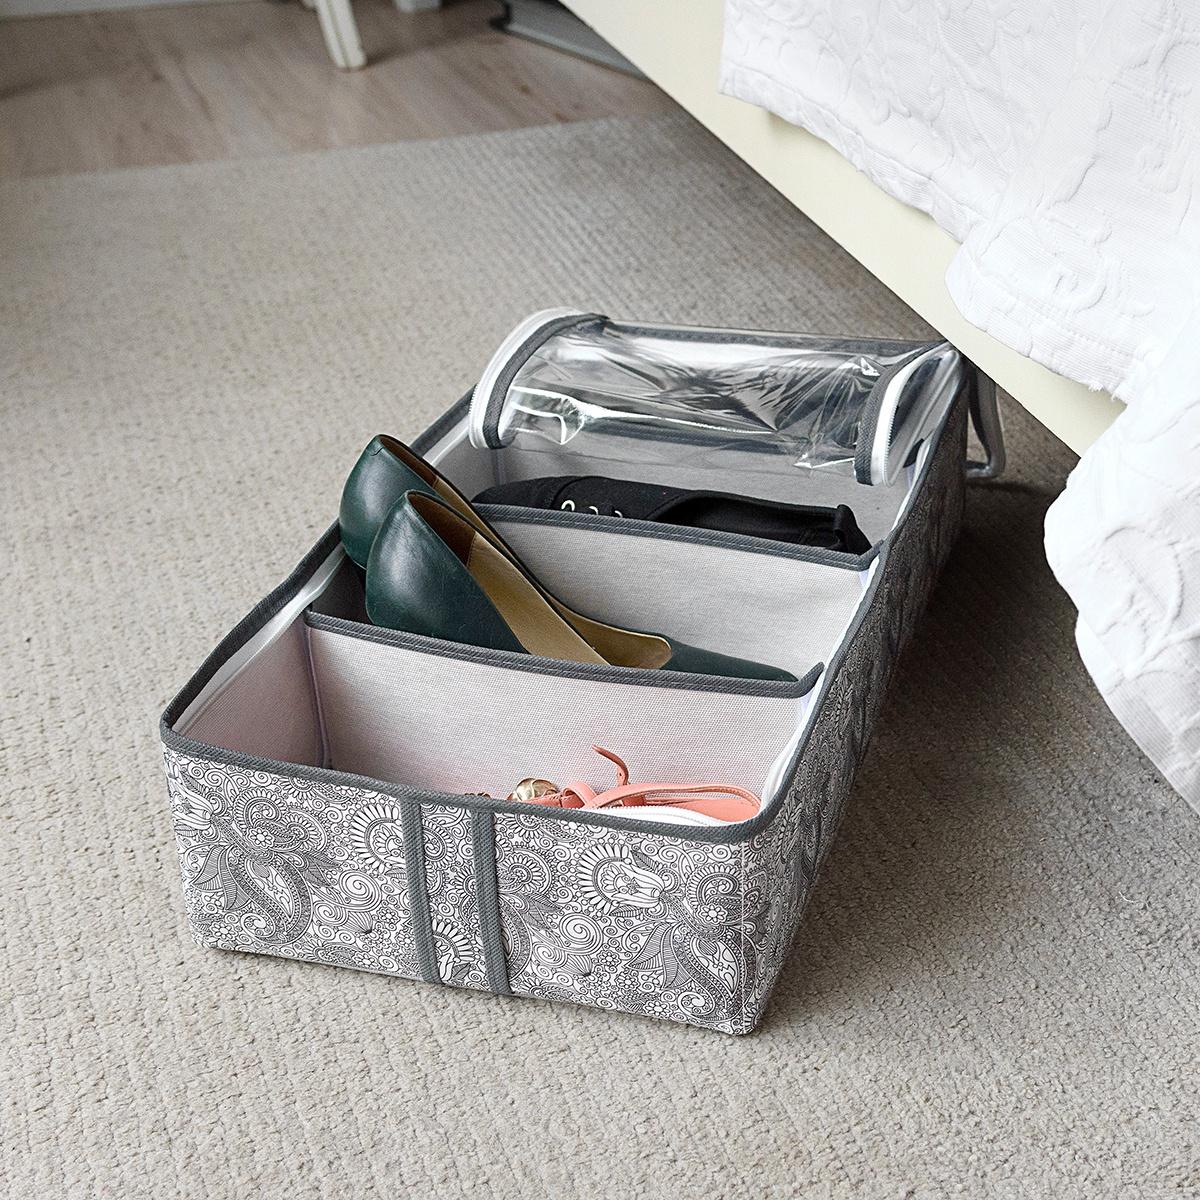 Органайзер для вещей Homsu HOM-1093, серый senma senma холст обувь мода тренд педаль ленивый обувь студент плоский корейской пары пару обуви 2122195 светло серый 40 ярдов